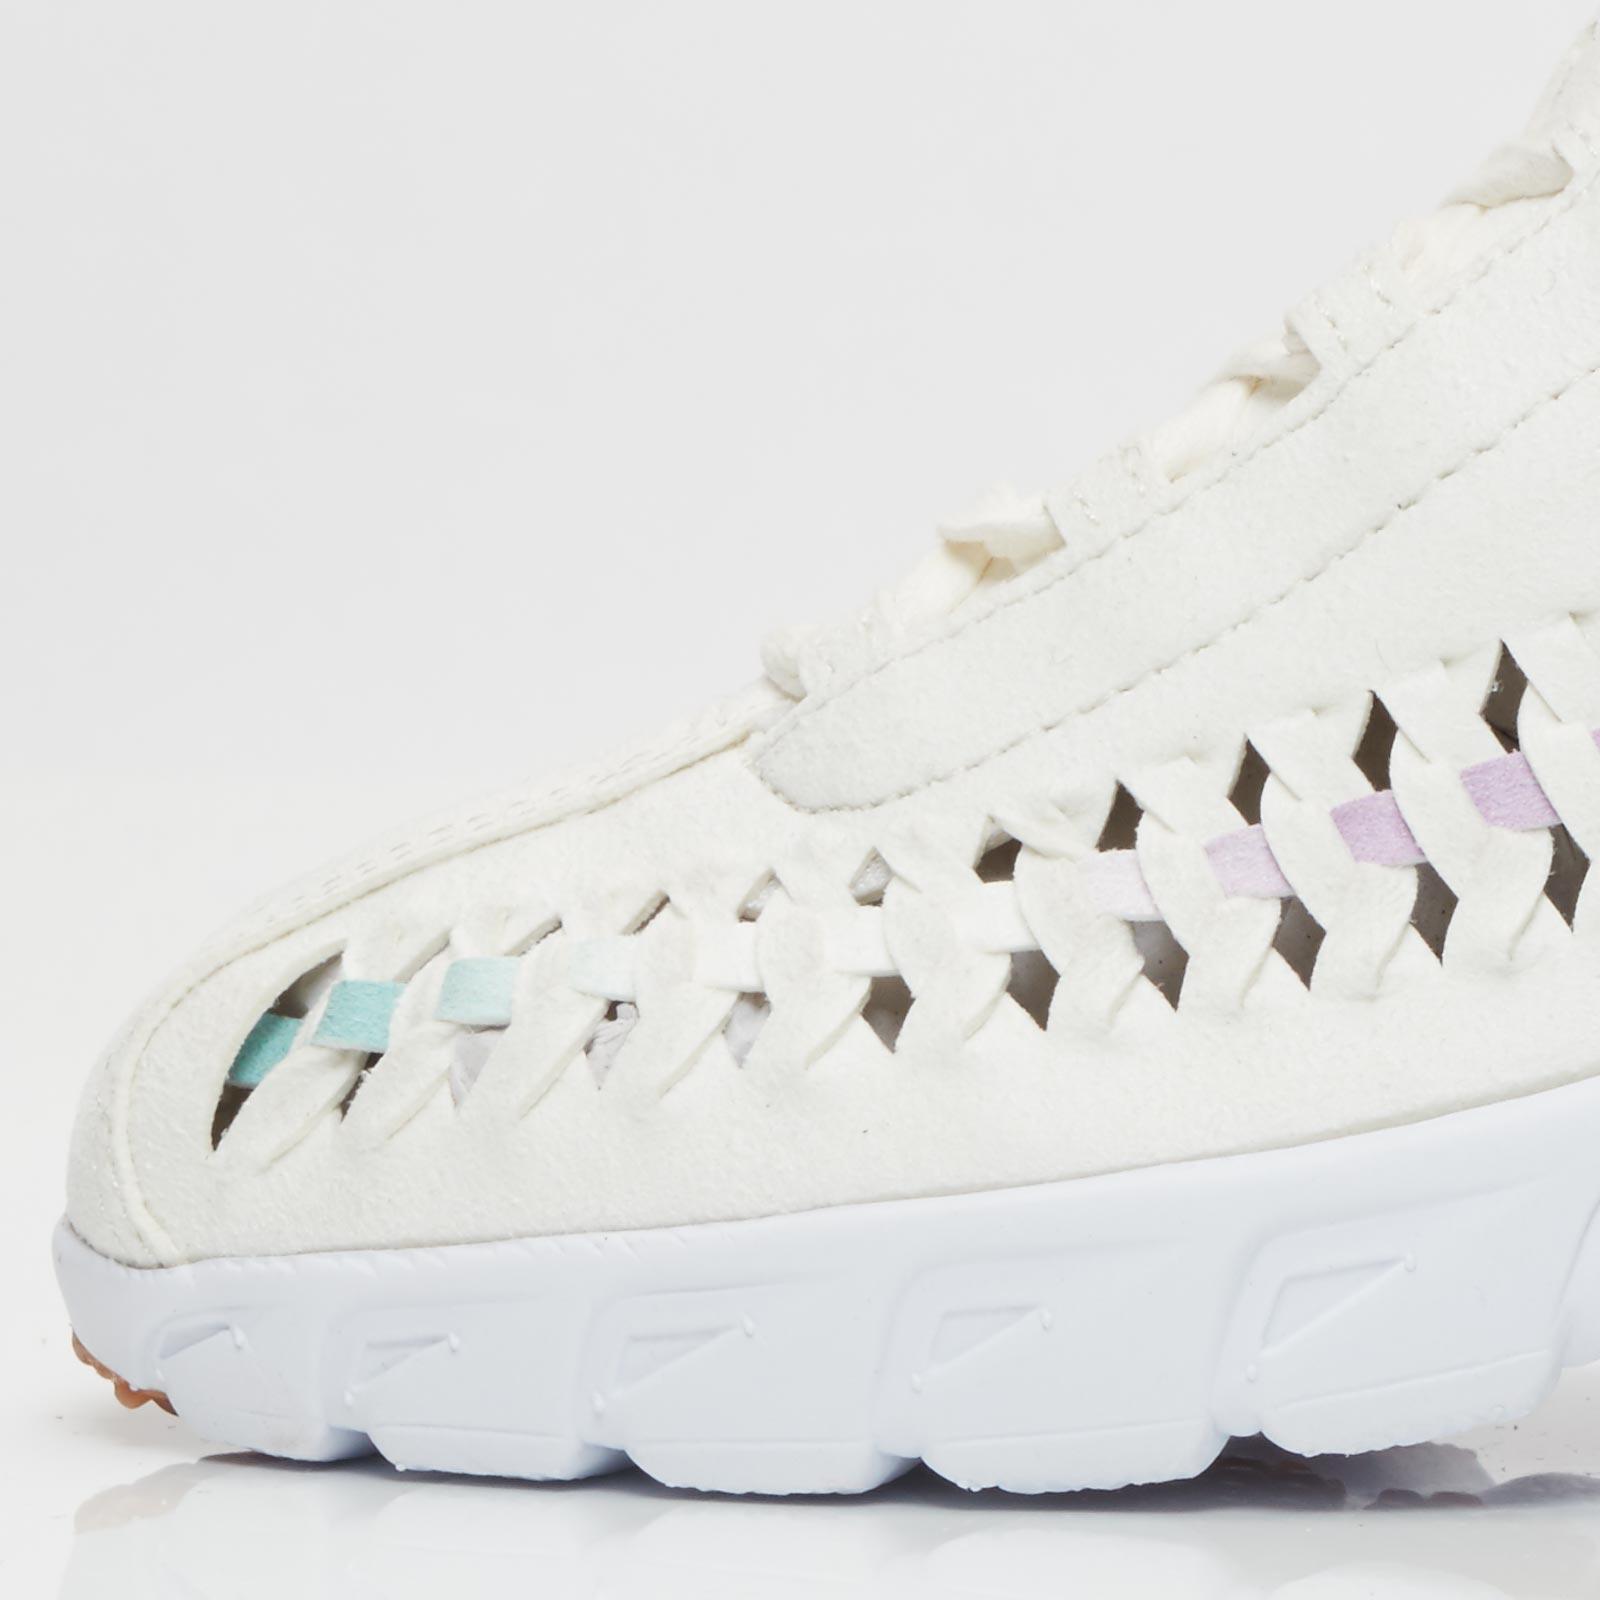 best website 8473b 70a33 Nike Wmns Mayfly Woven - 833802-101 - Sneakersnstuff   sneakers    streetwear en ligne depuis 1999